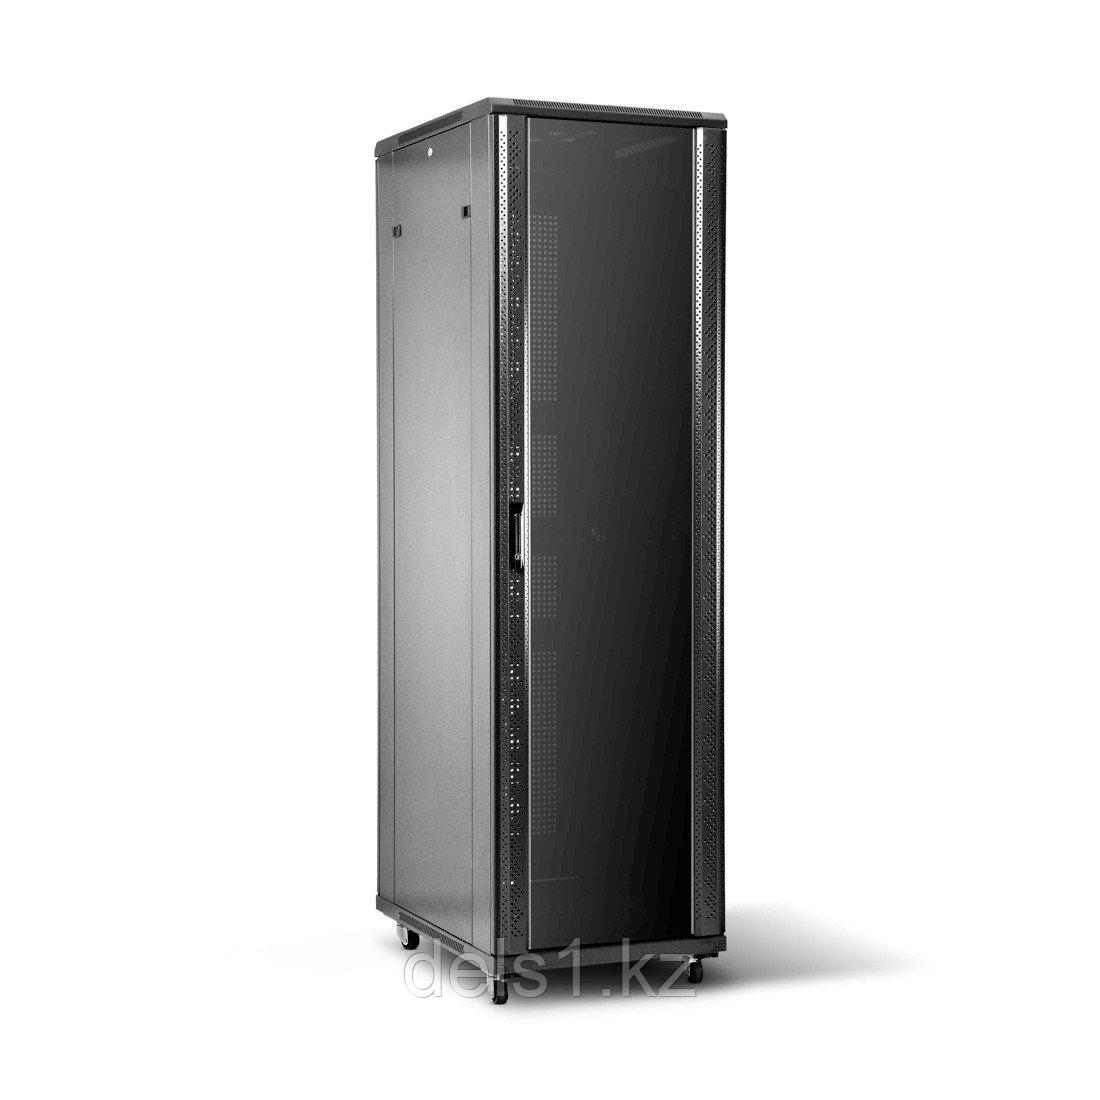 Шкаф серверный напольный SHIP 601S.8042.24.100 42U 800*1000*2000 мм